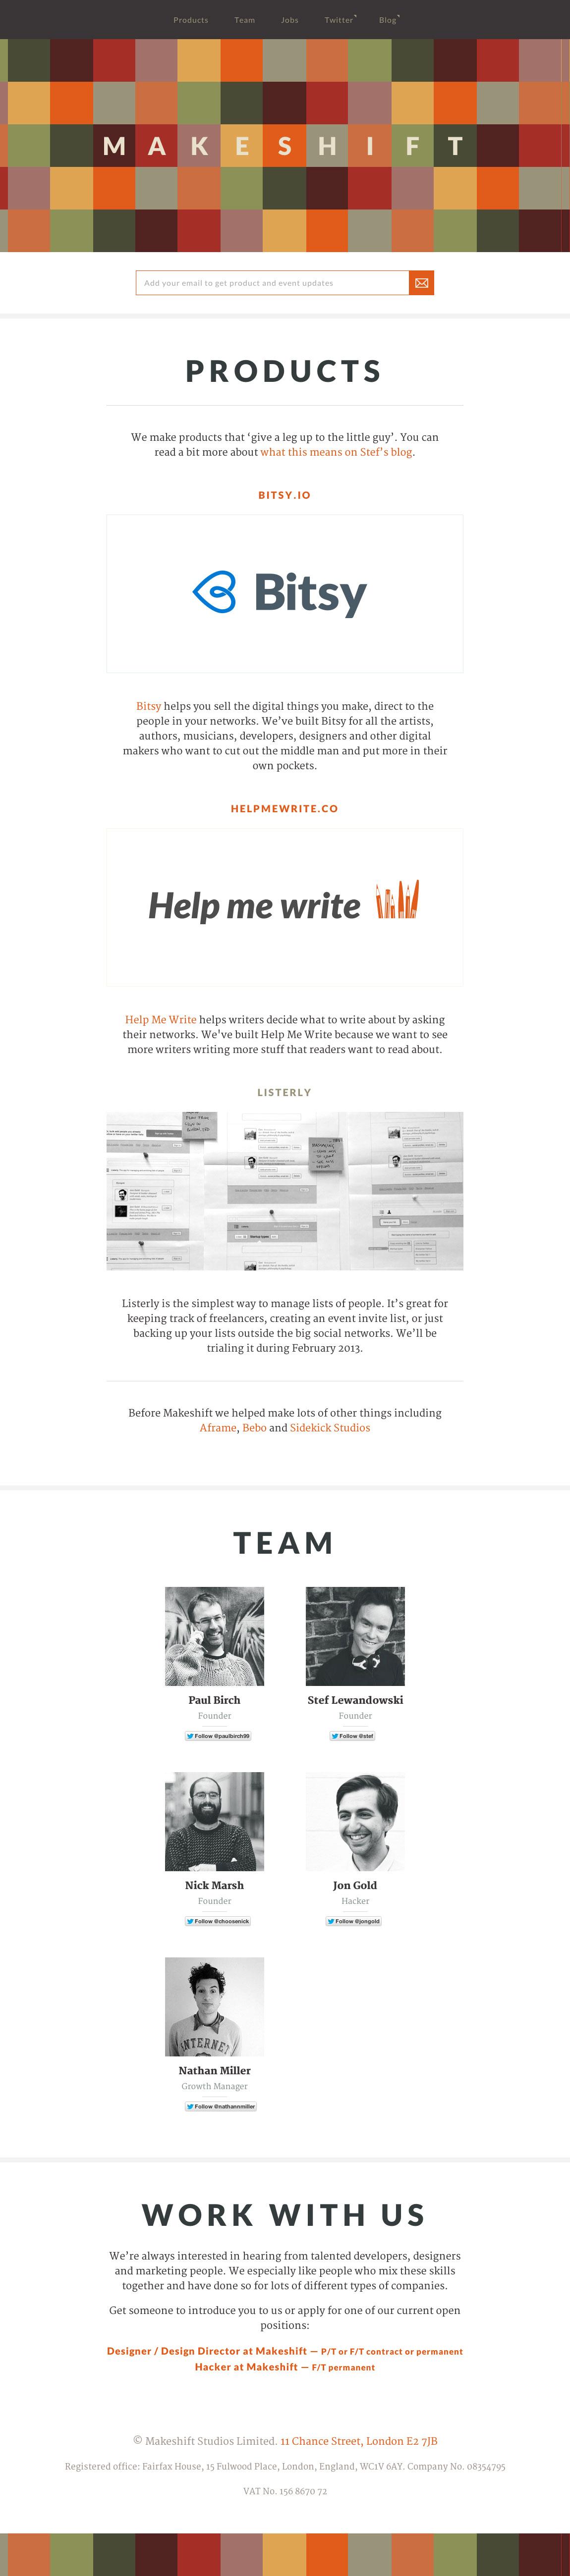 Makeshift Website Screenshot